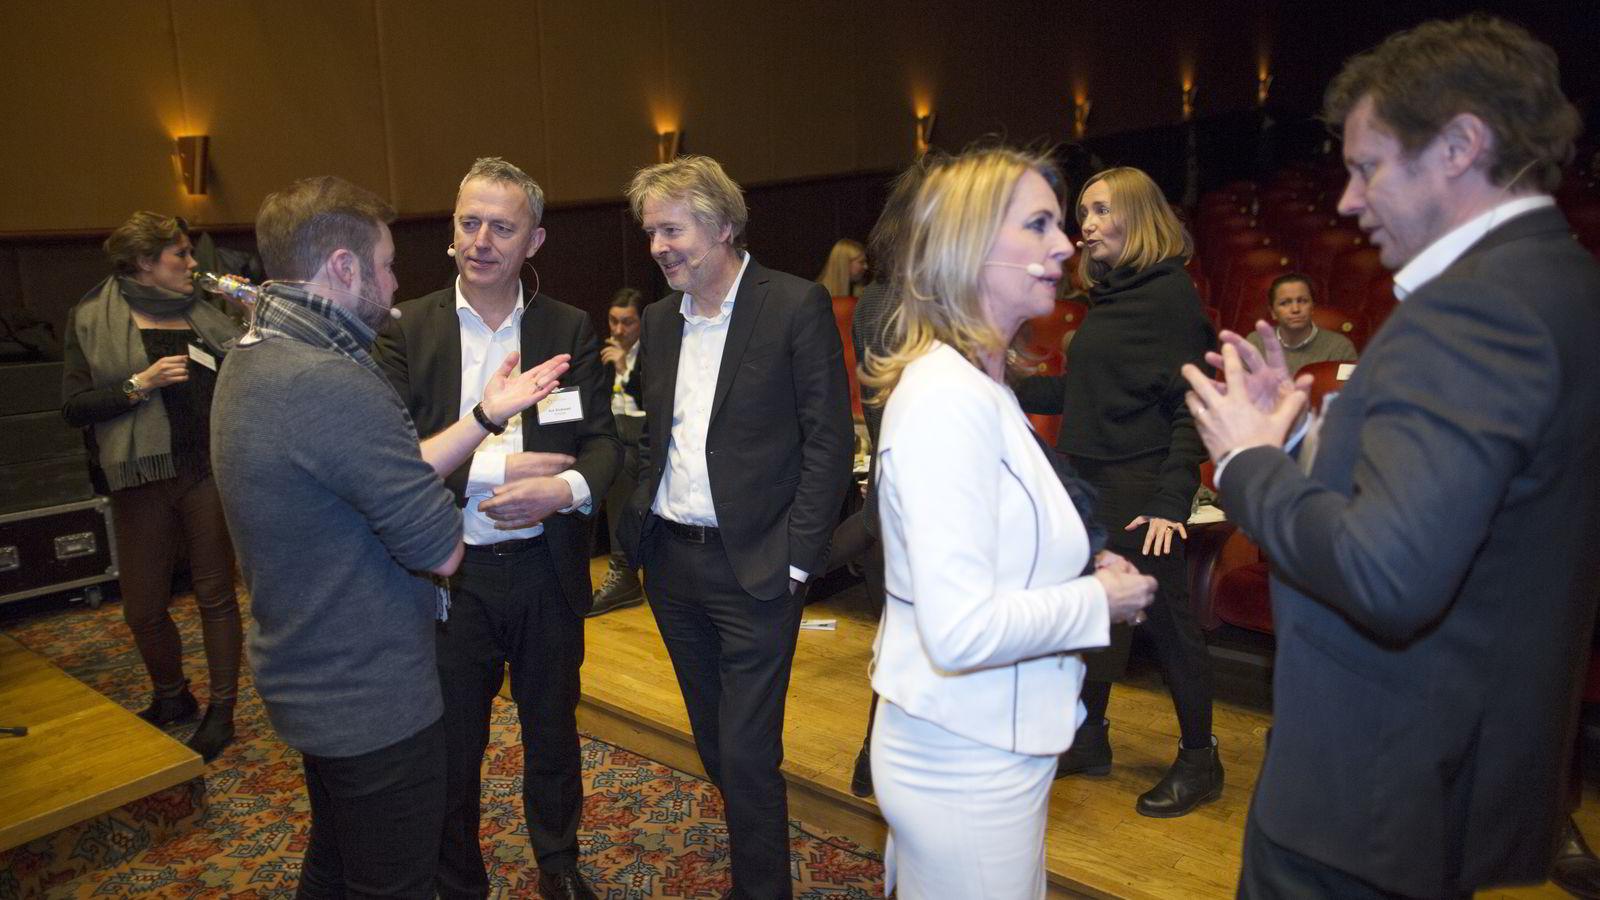 Til venstre: Are Stokstad i samtale med Even Aas-Eng i Venture Factory (skjult) og publisher Torry Pedersen i VG. Foran står redaktør Ellen Arnstad i Aller Media og administrerende direktør Trygve Rønningen i MTG Norge. Foto: